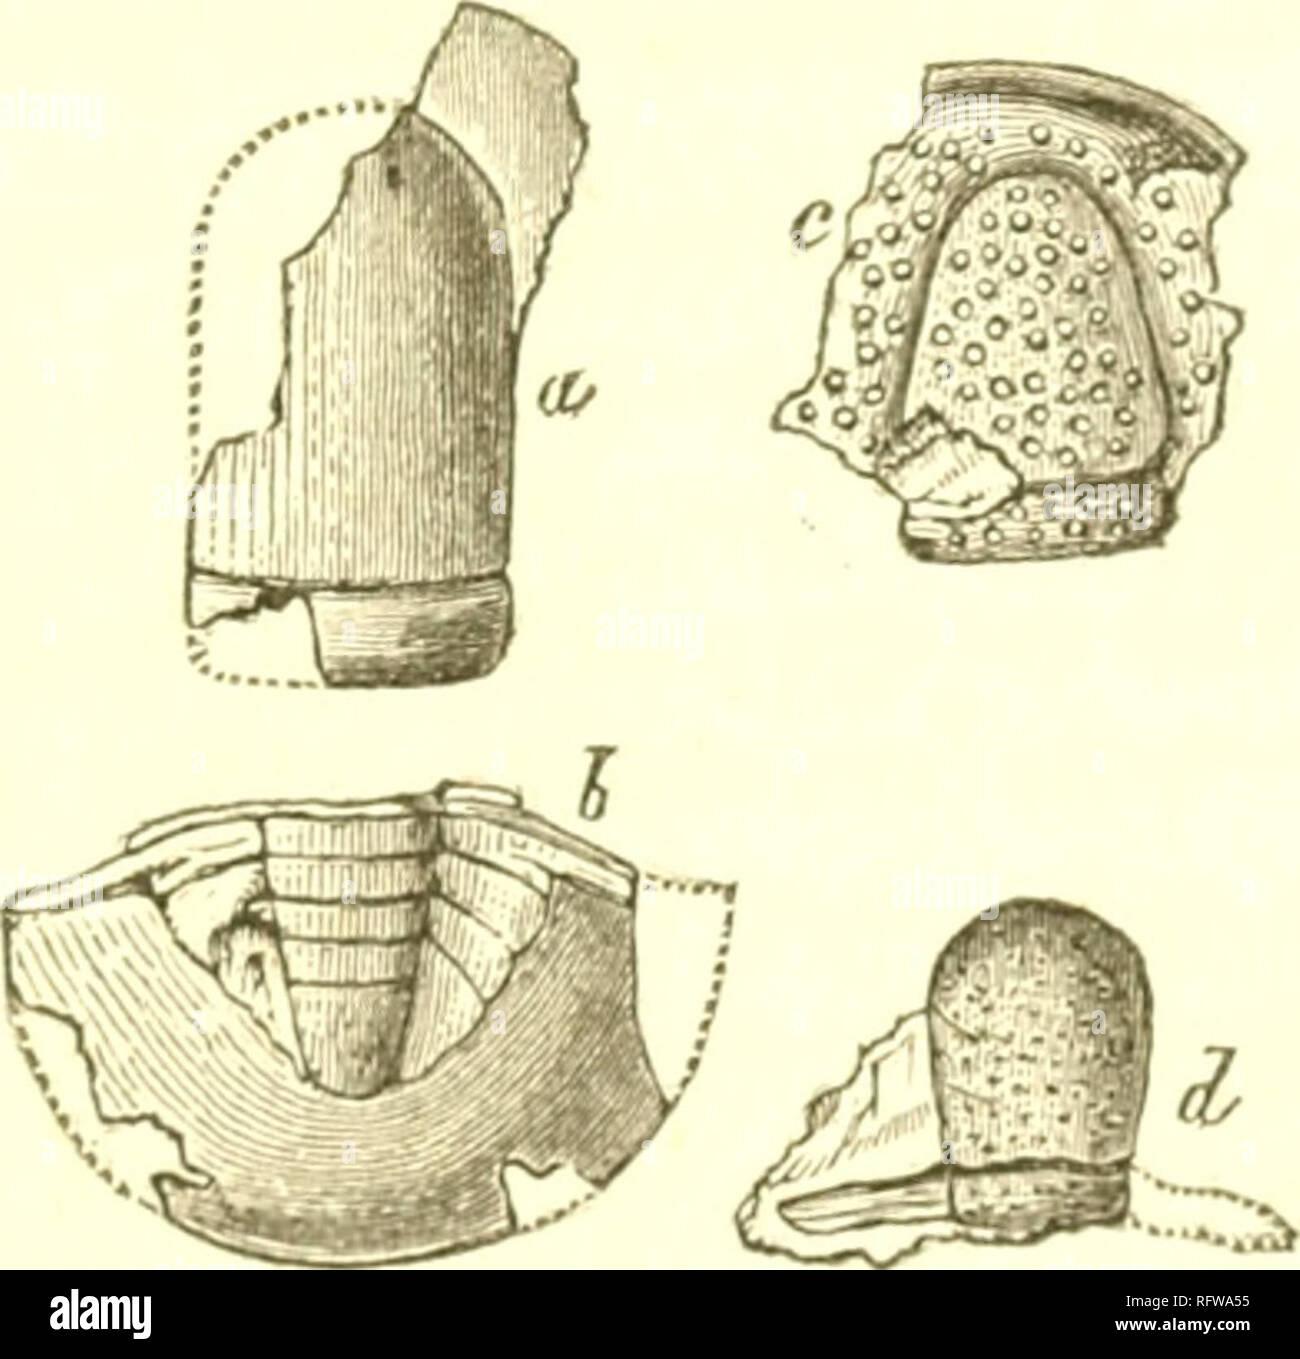 carbon dating bruges ofte til at bestemme en fossils alder